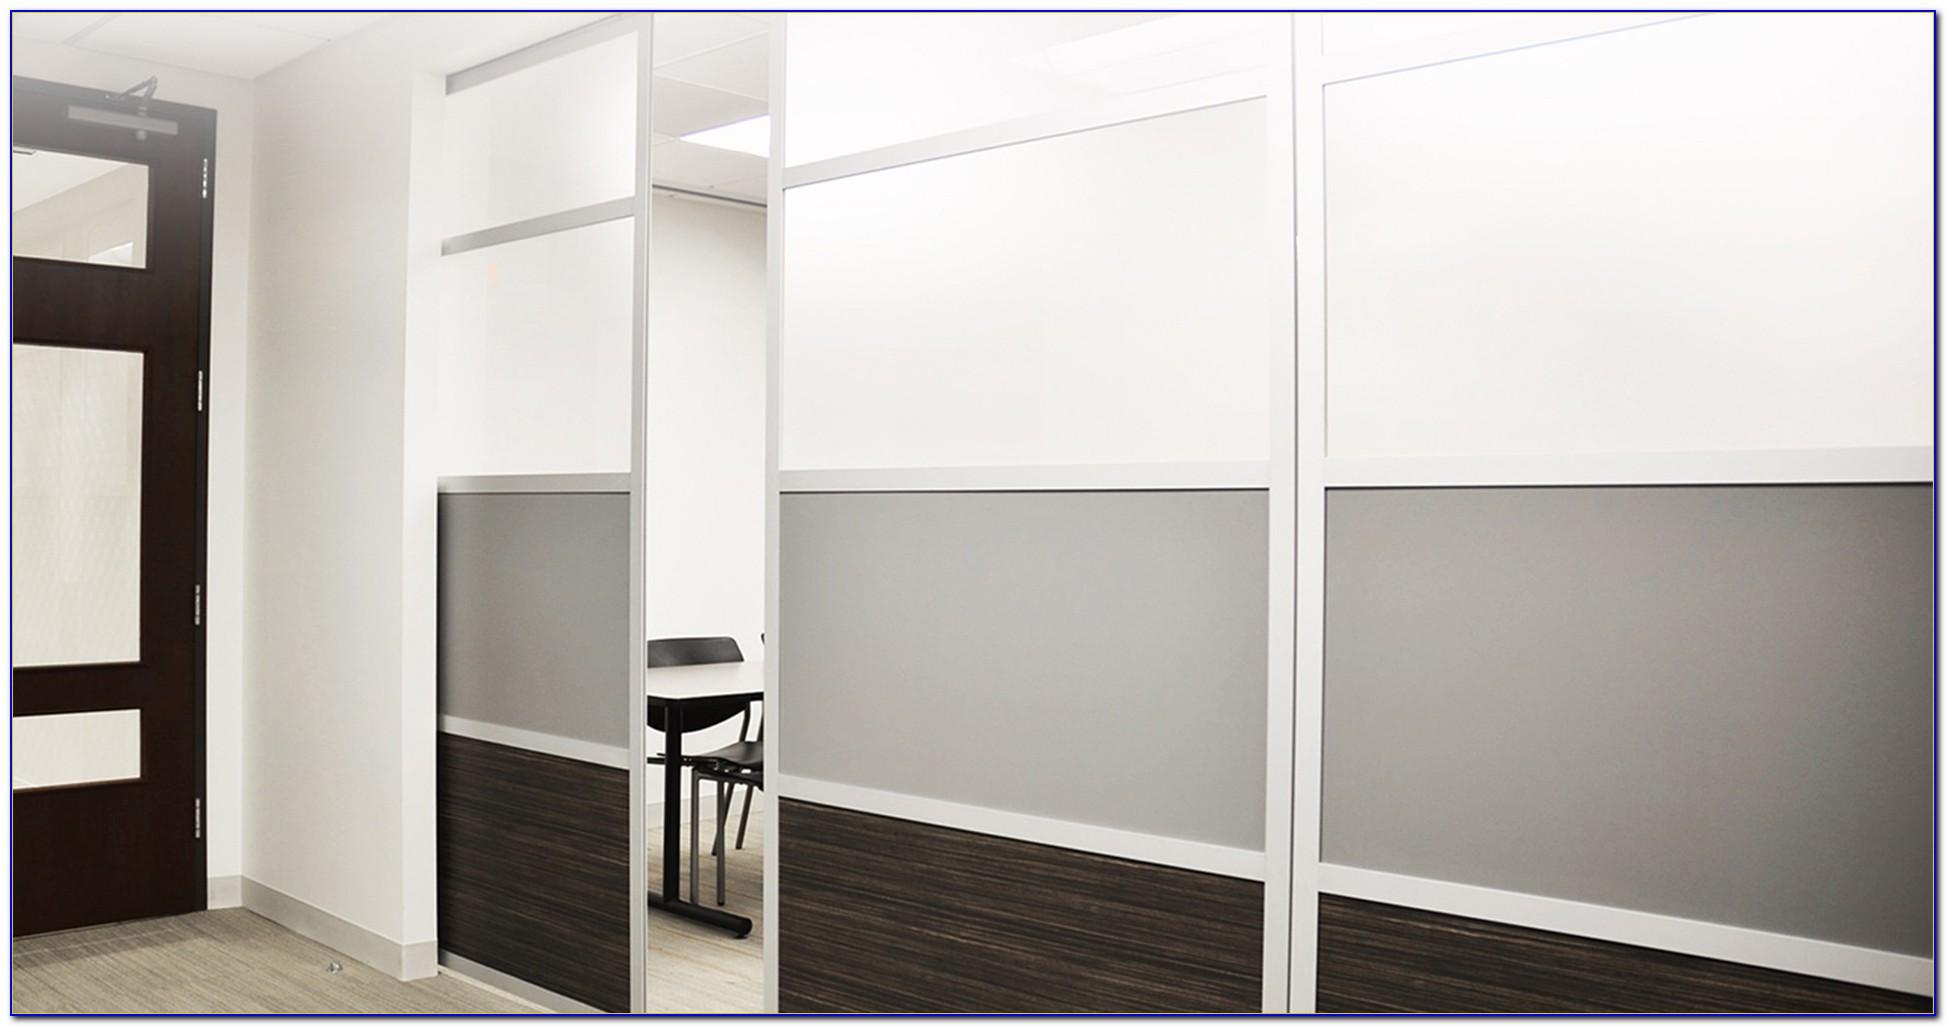 Sliding Panel Ceiling Mount Room Divider